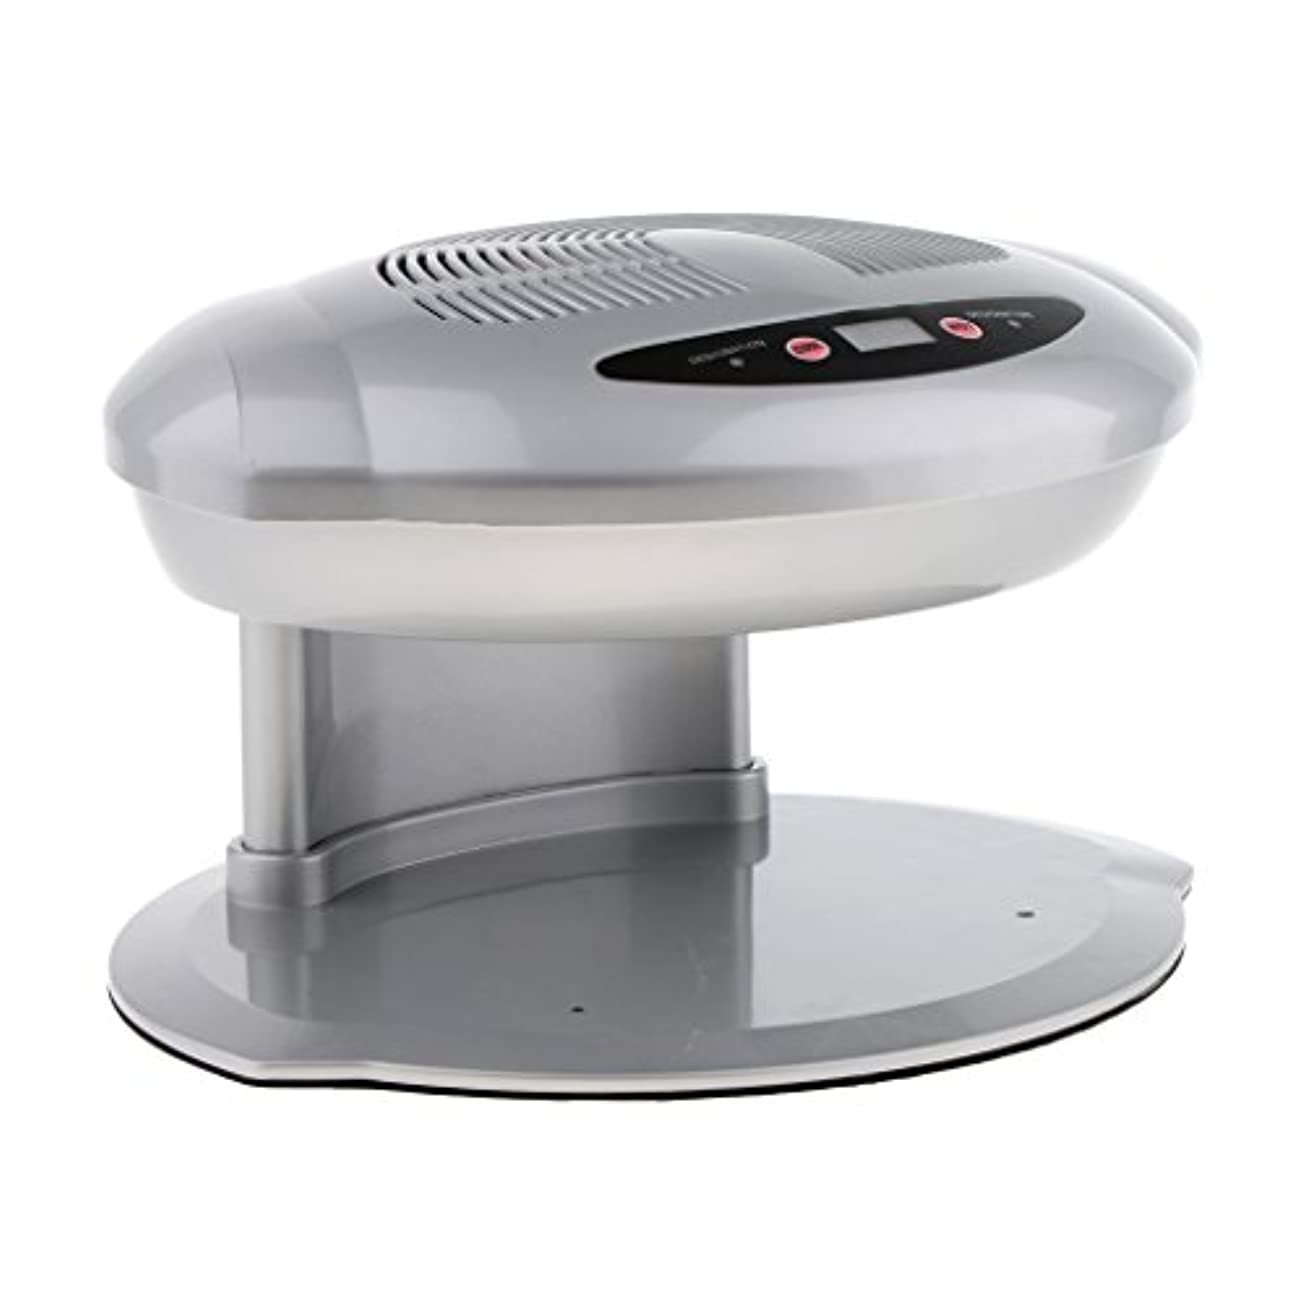 スパイゴミ箱に頼るPerfk ネイルファン ドライヤー ネイルアート プロ 自動センサー 乾燥機 暖かい 涼しい 空気ファン